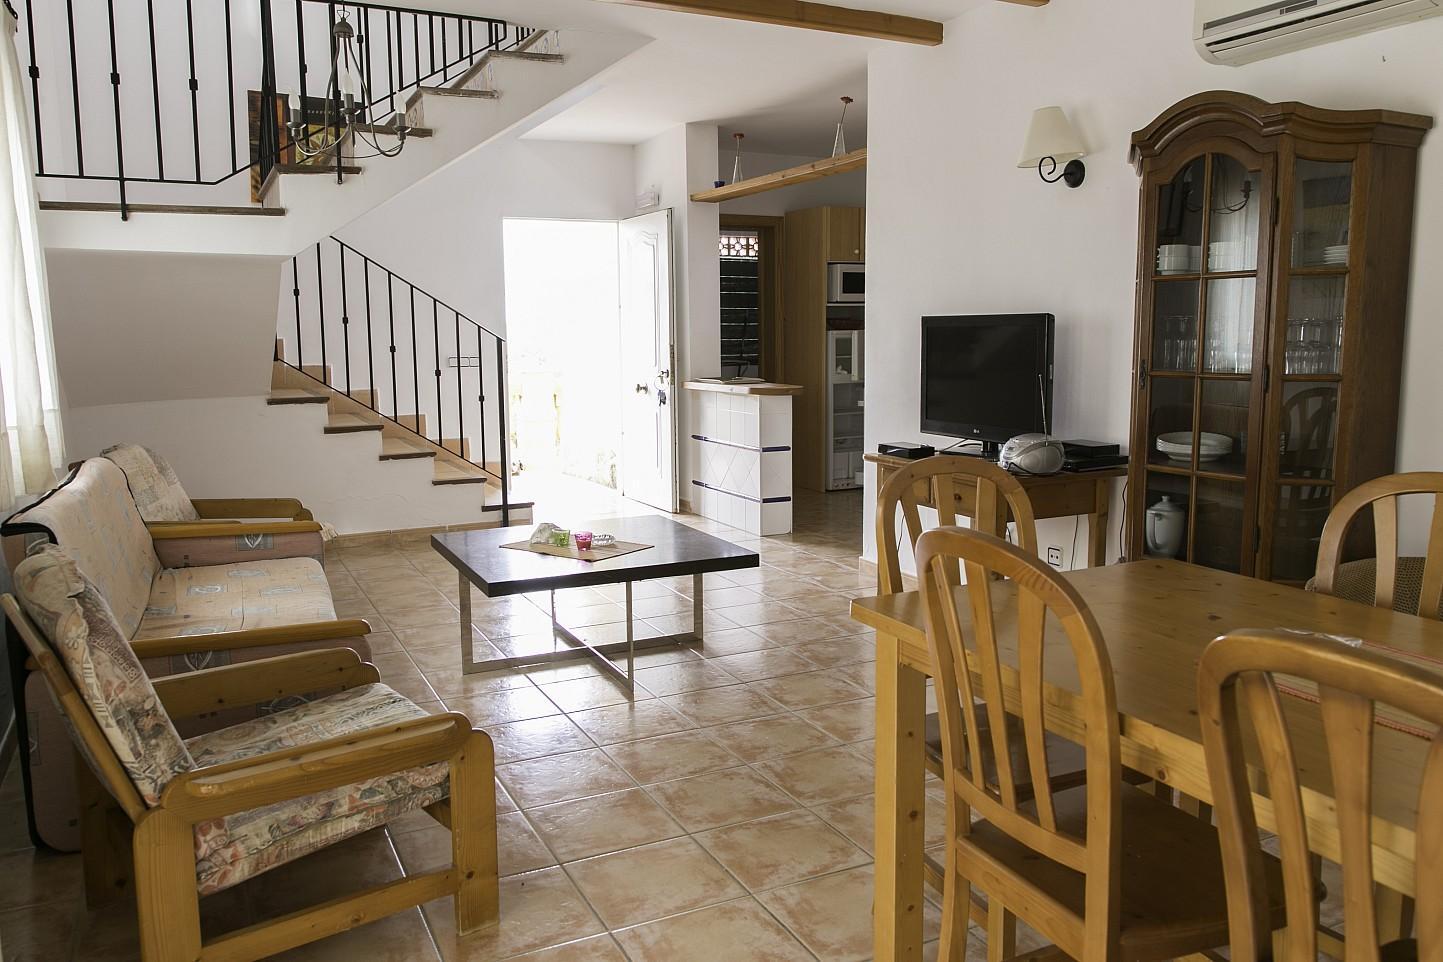 Esszimmer und Treppen zum oberen Stock eines Hauses zum Verkauf in Villas de Cala Romántica, Mallorca